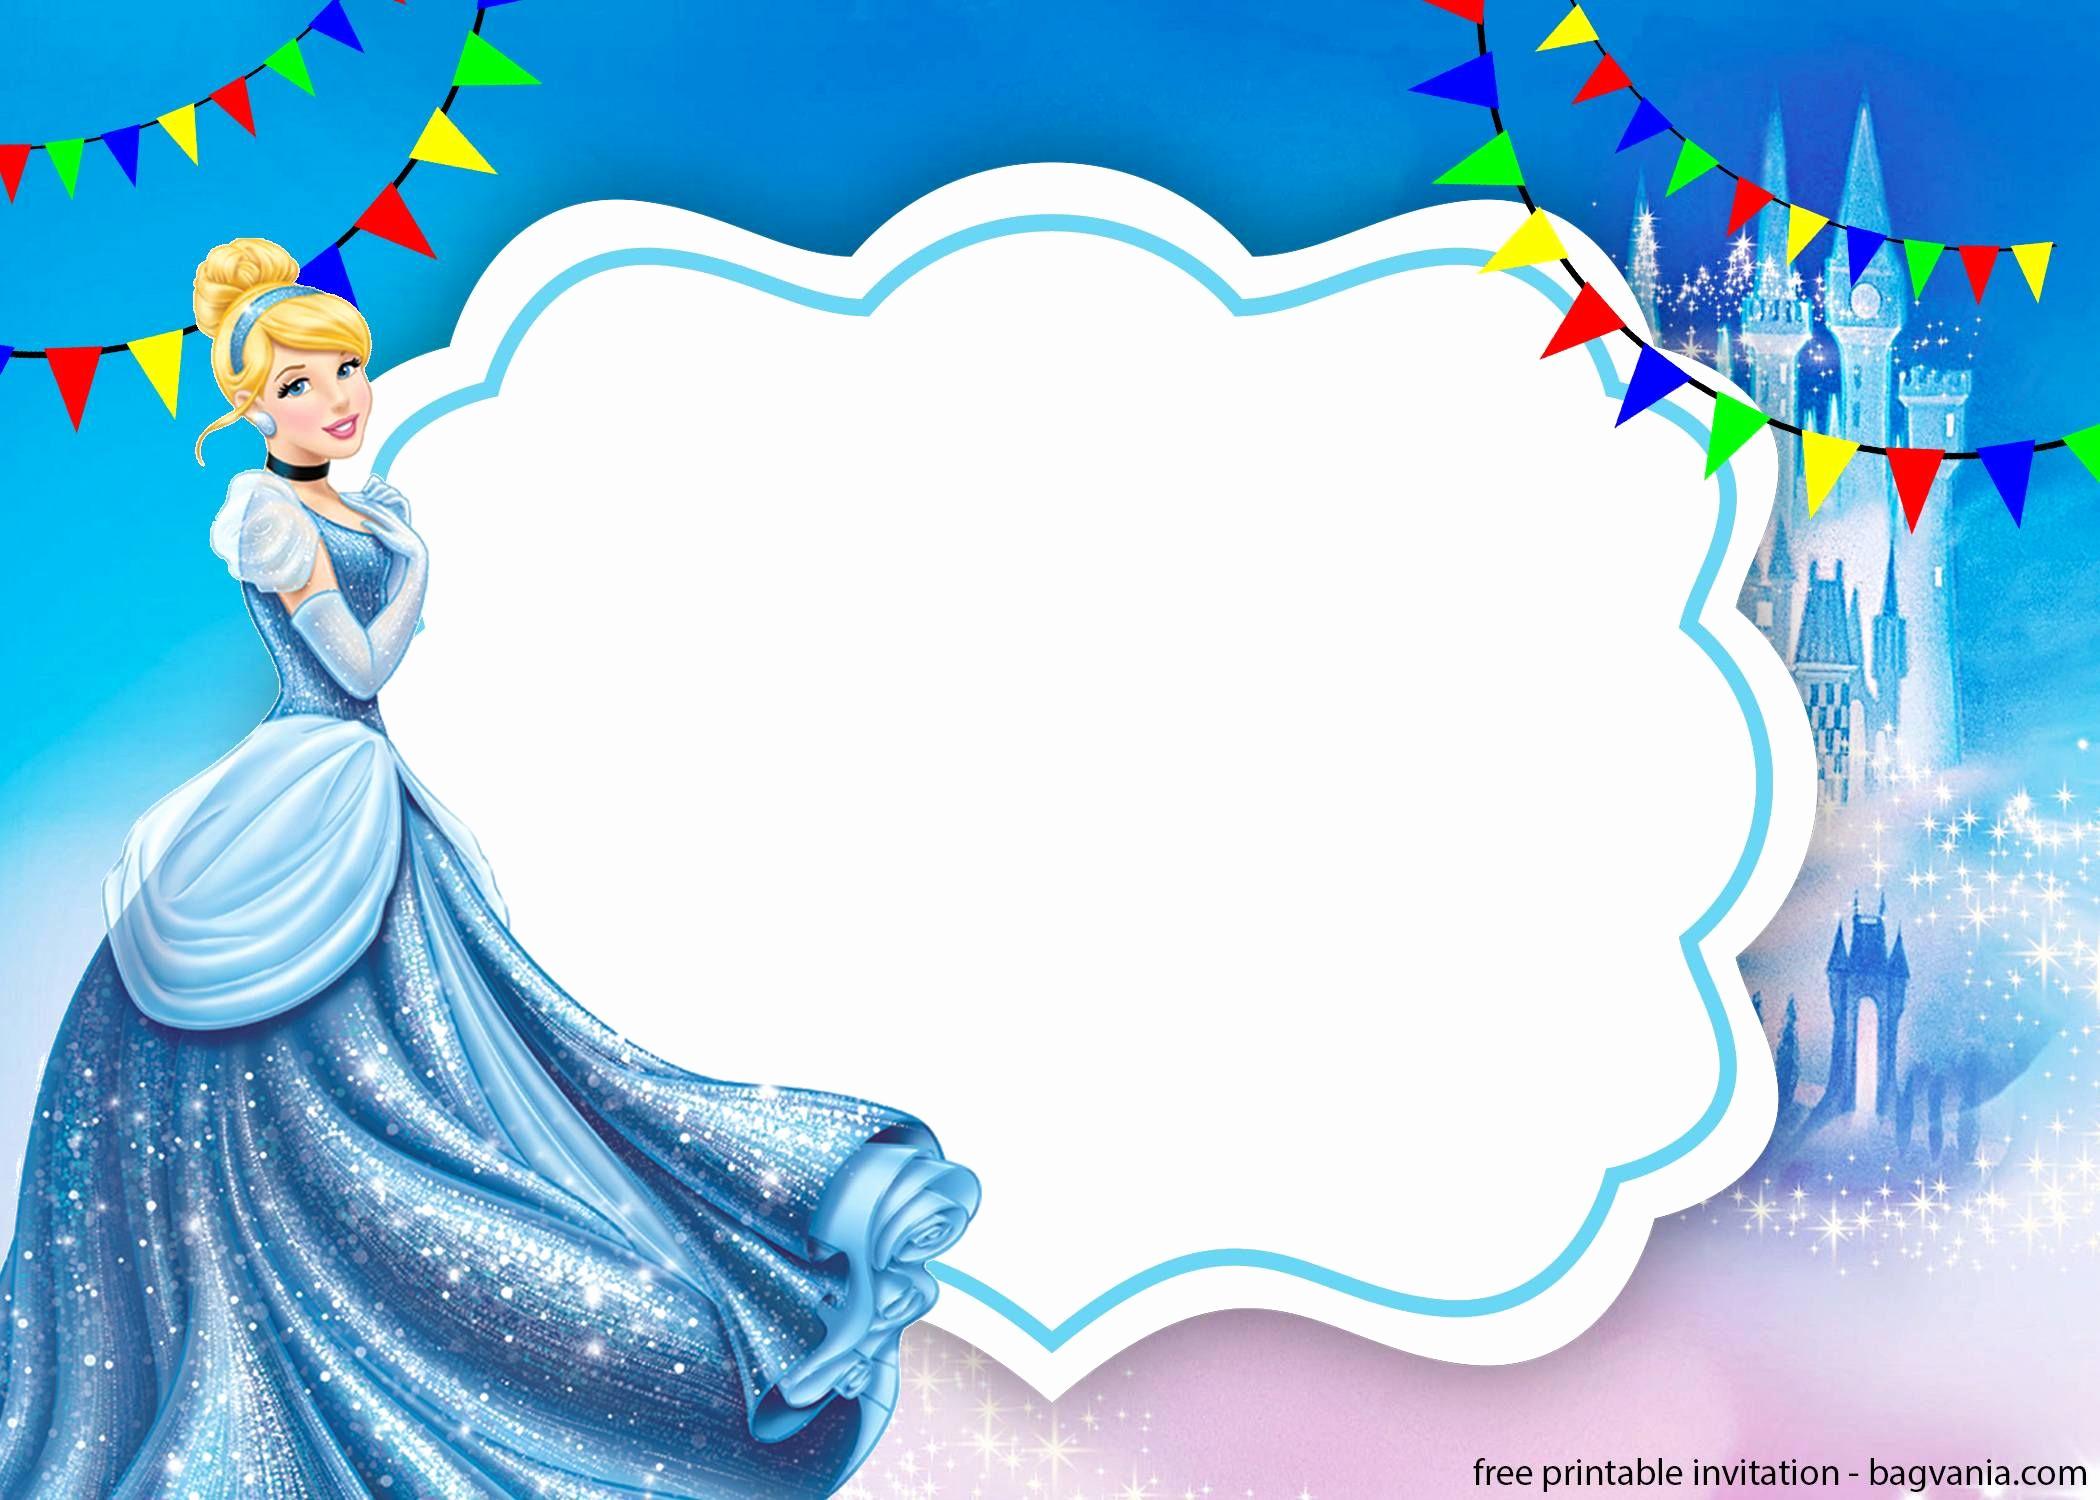 Cinderella Invitation Template Free Inspirational Free Printable Cinderella Invitation Template